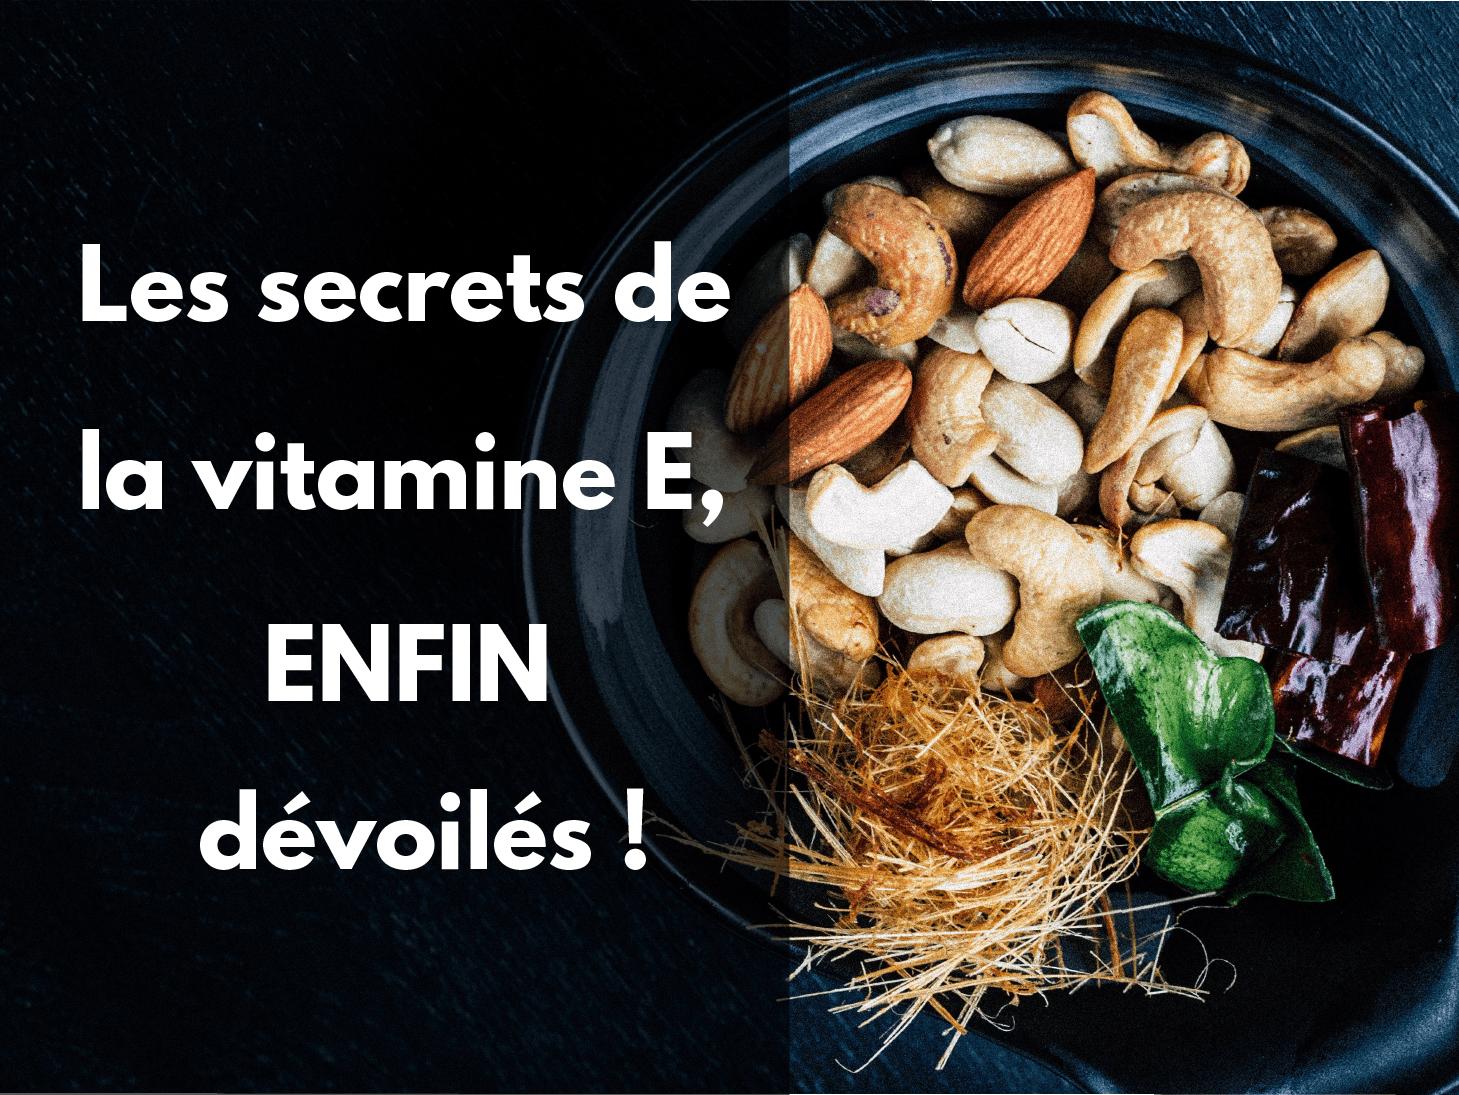 Aliments riche en vitamine E